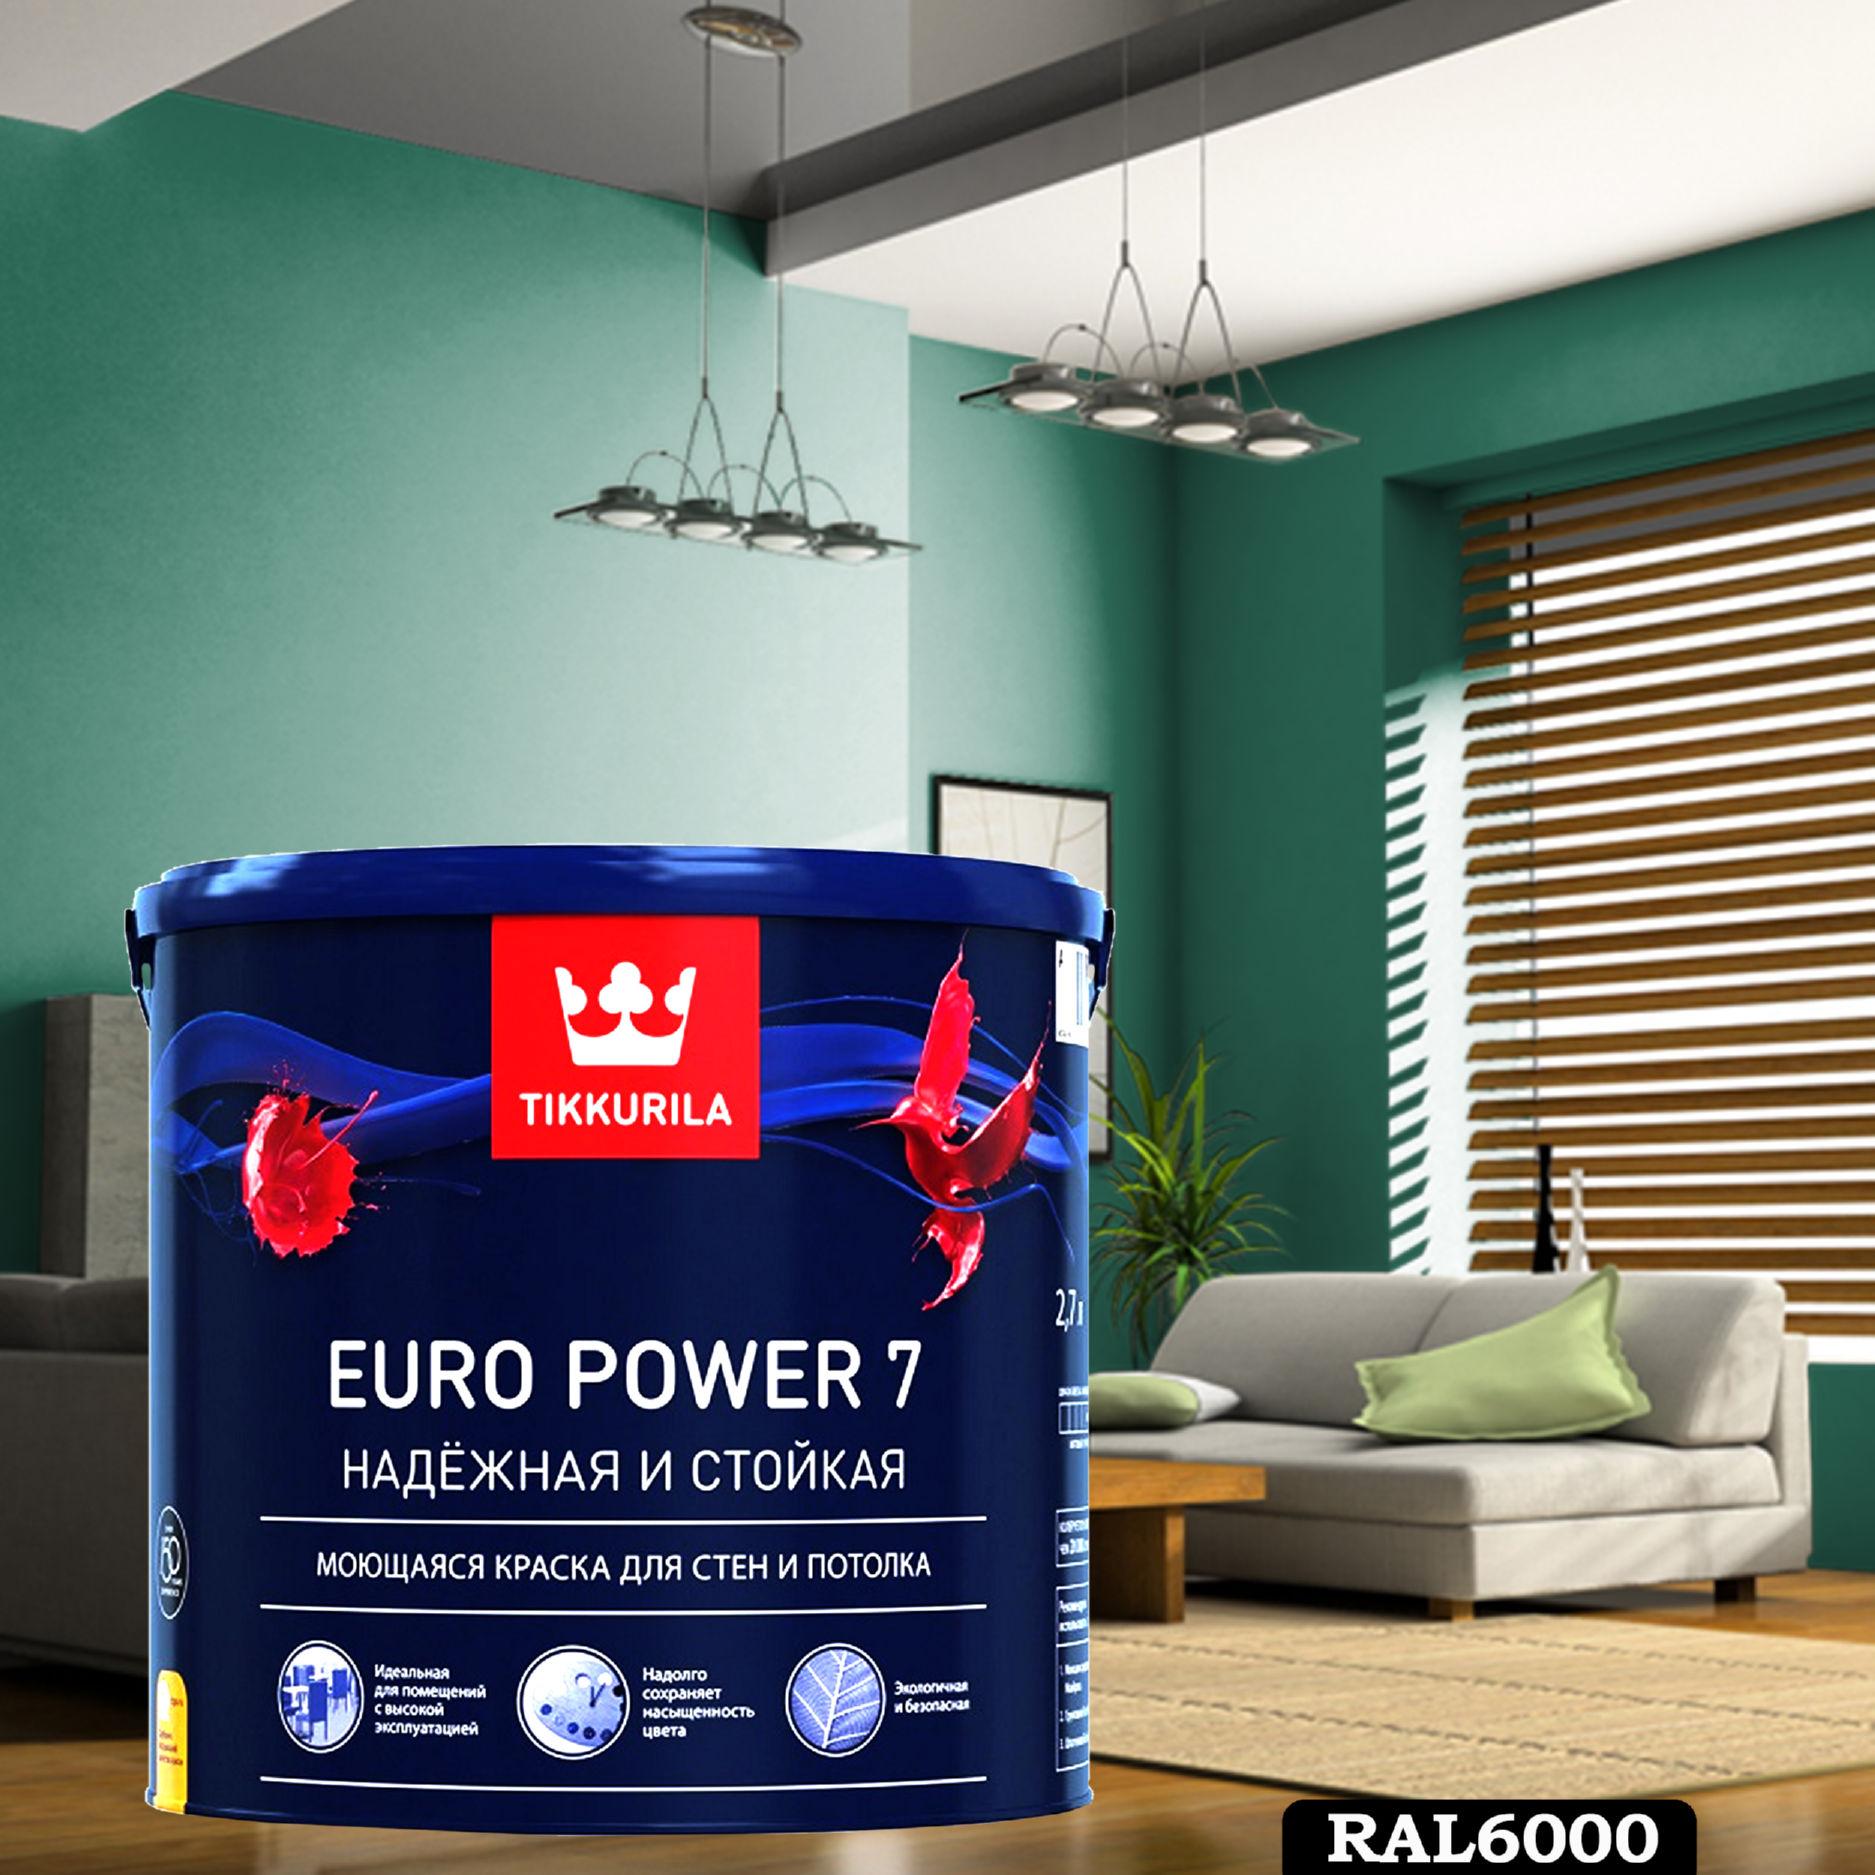 Фото 1 - Краска TIKKURILA Euro Power 7,  RAL 6000 Платиново-зеленый, латексная моющаяся матовая интерьерная, 9 л.